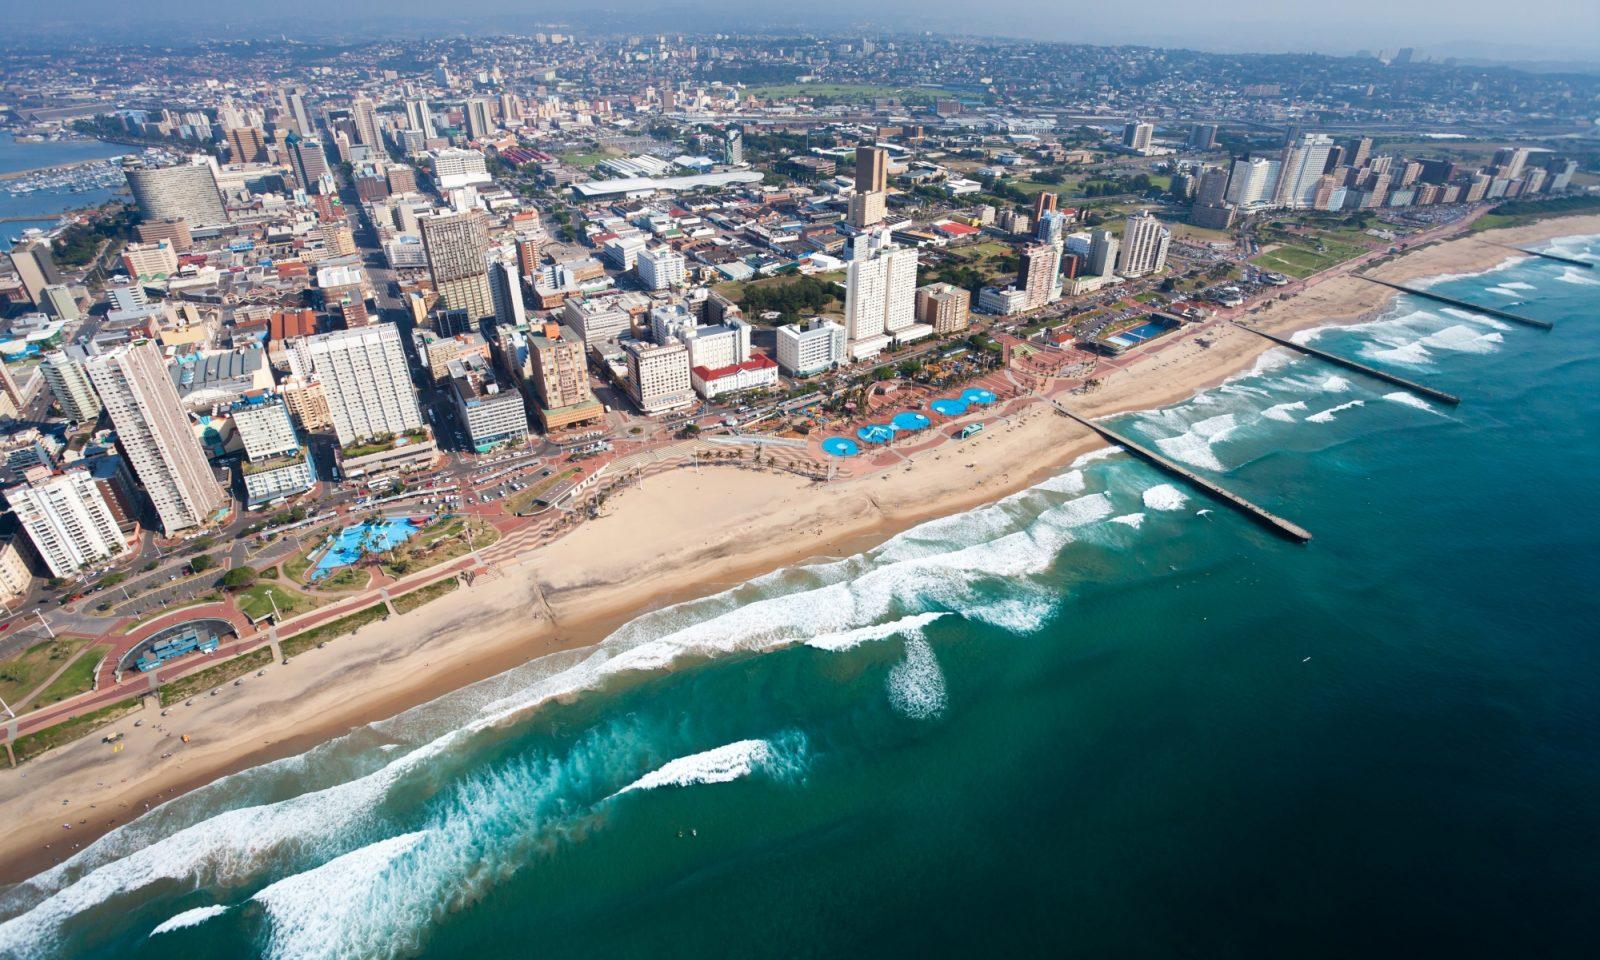 Durban aerial view